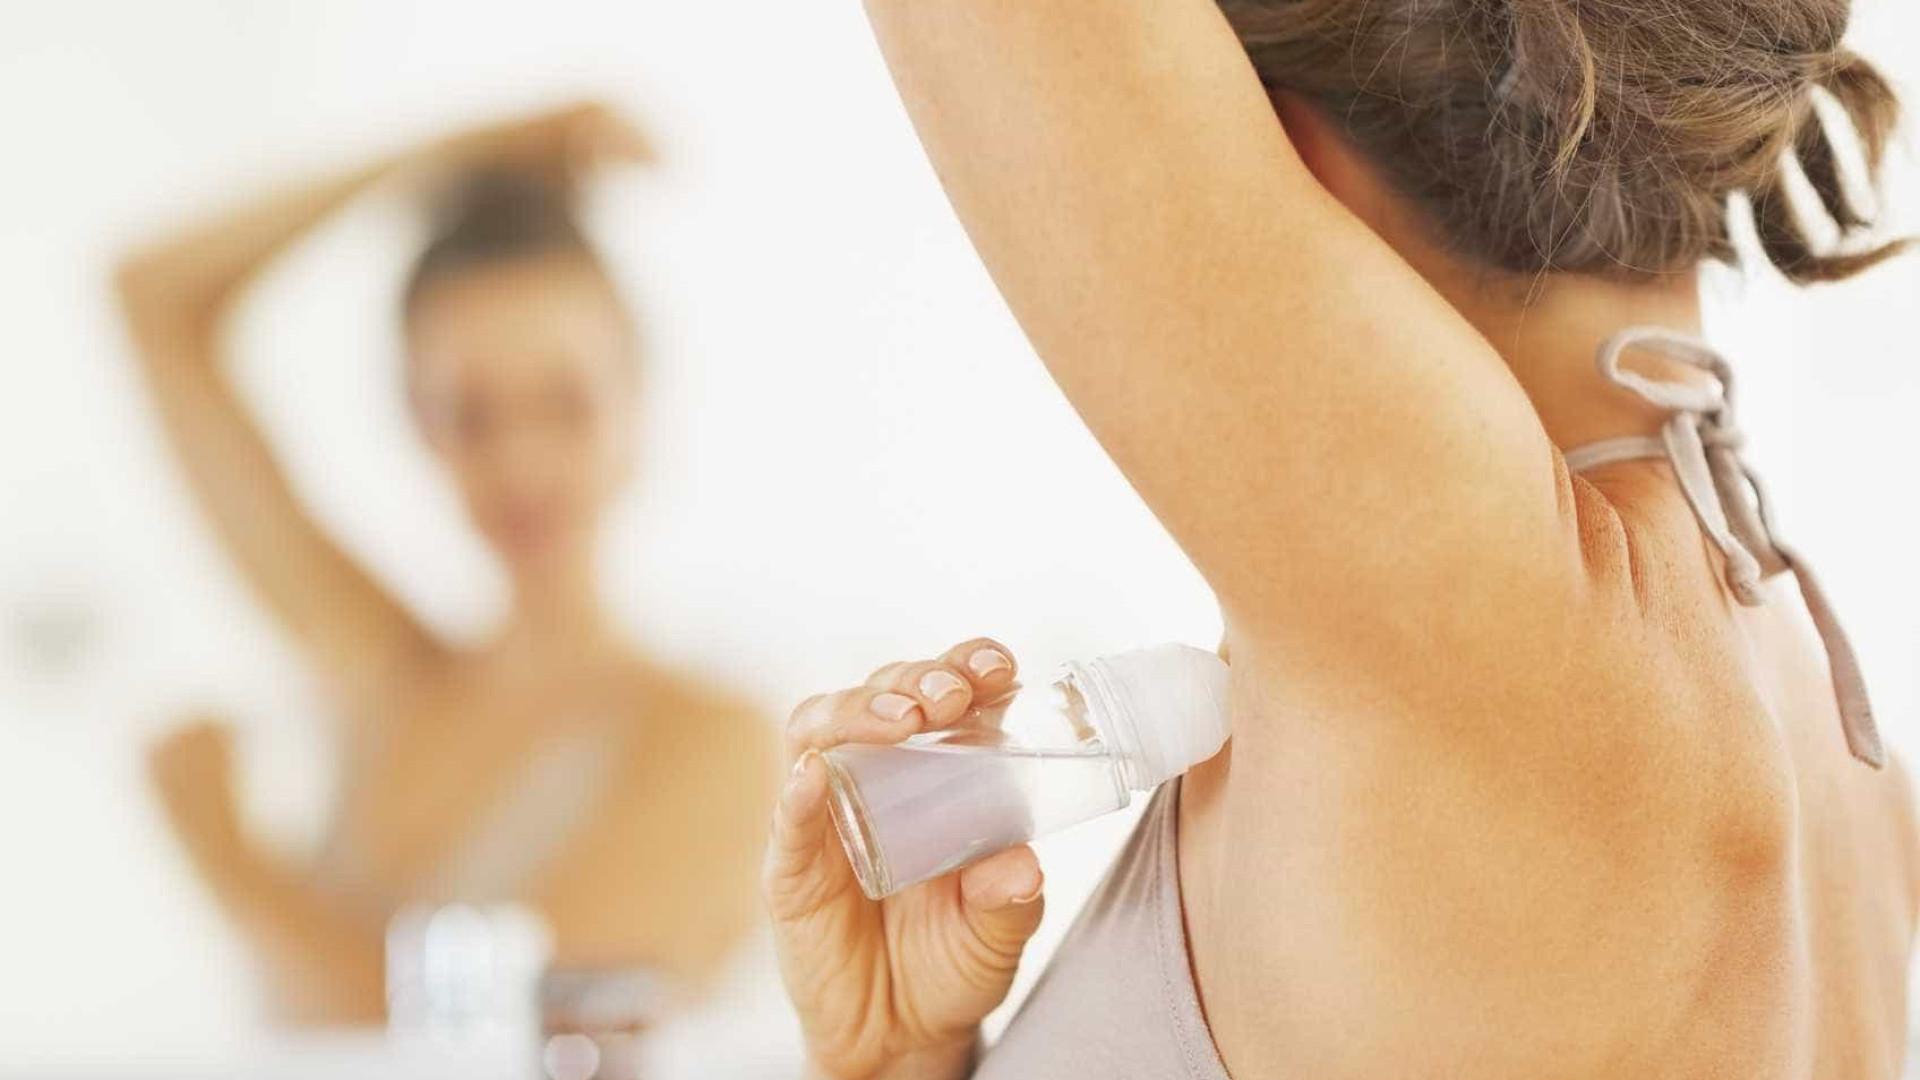 Desodorantes podem provocar  câncer de mama, diz estudo